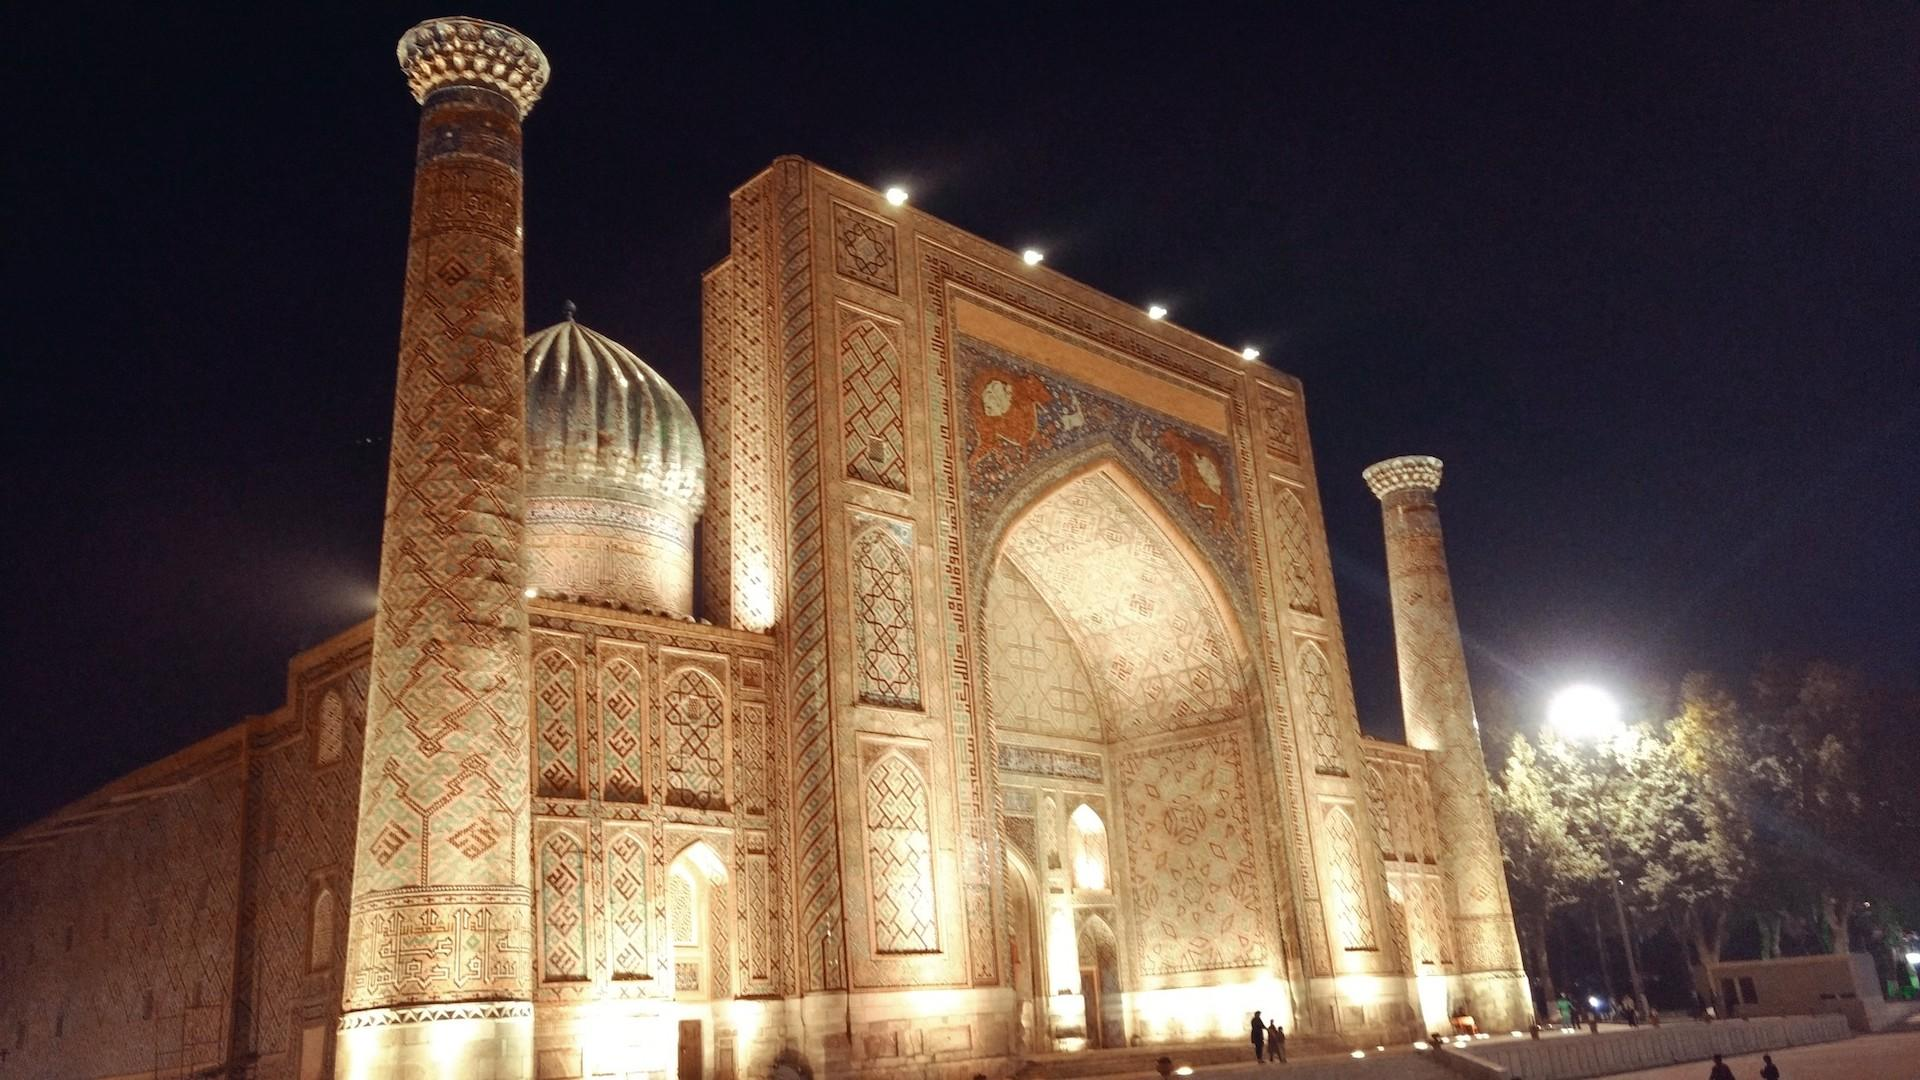 Ruta de la Seda: Samarcanda, Bujara y Khiva, las joyas de Asia central